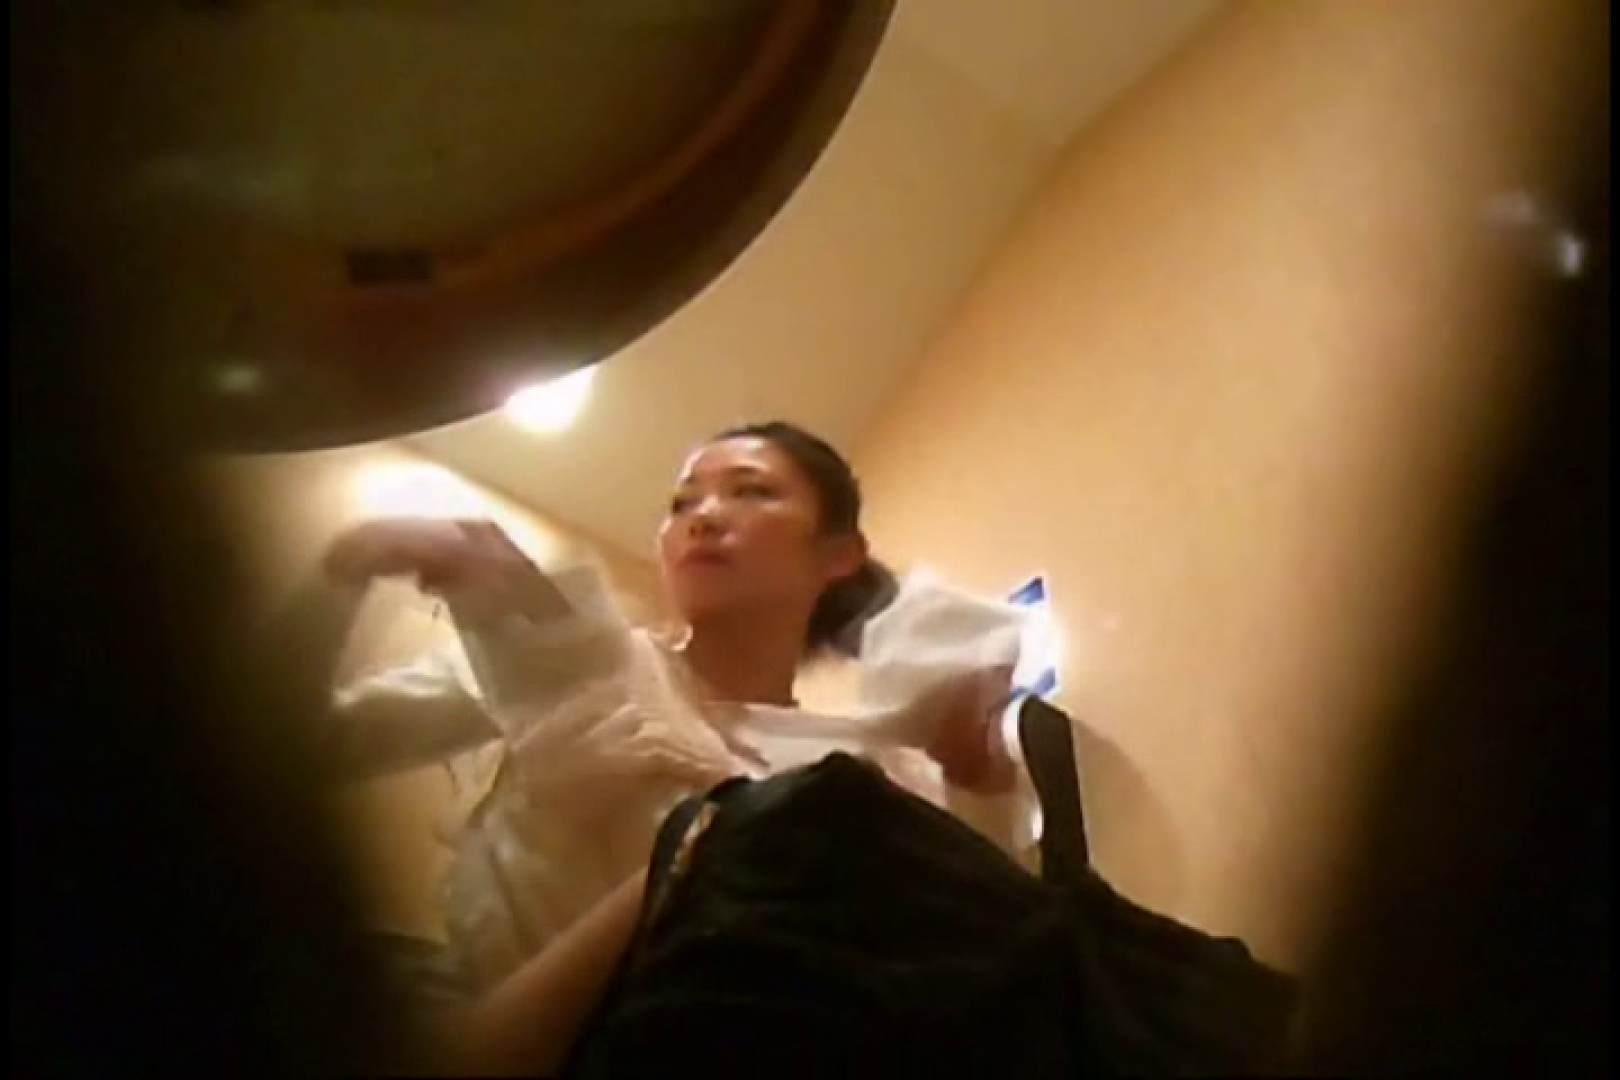 画質向上!新亀さん厠 vol.03 HなOL | 潜入シリーズ  74pic 36